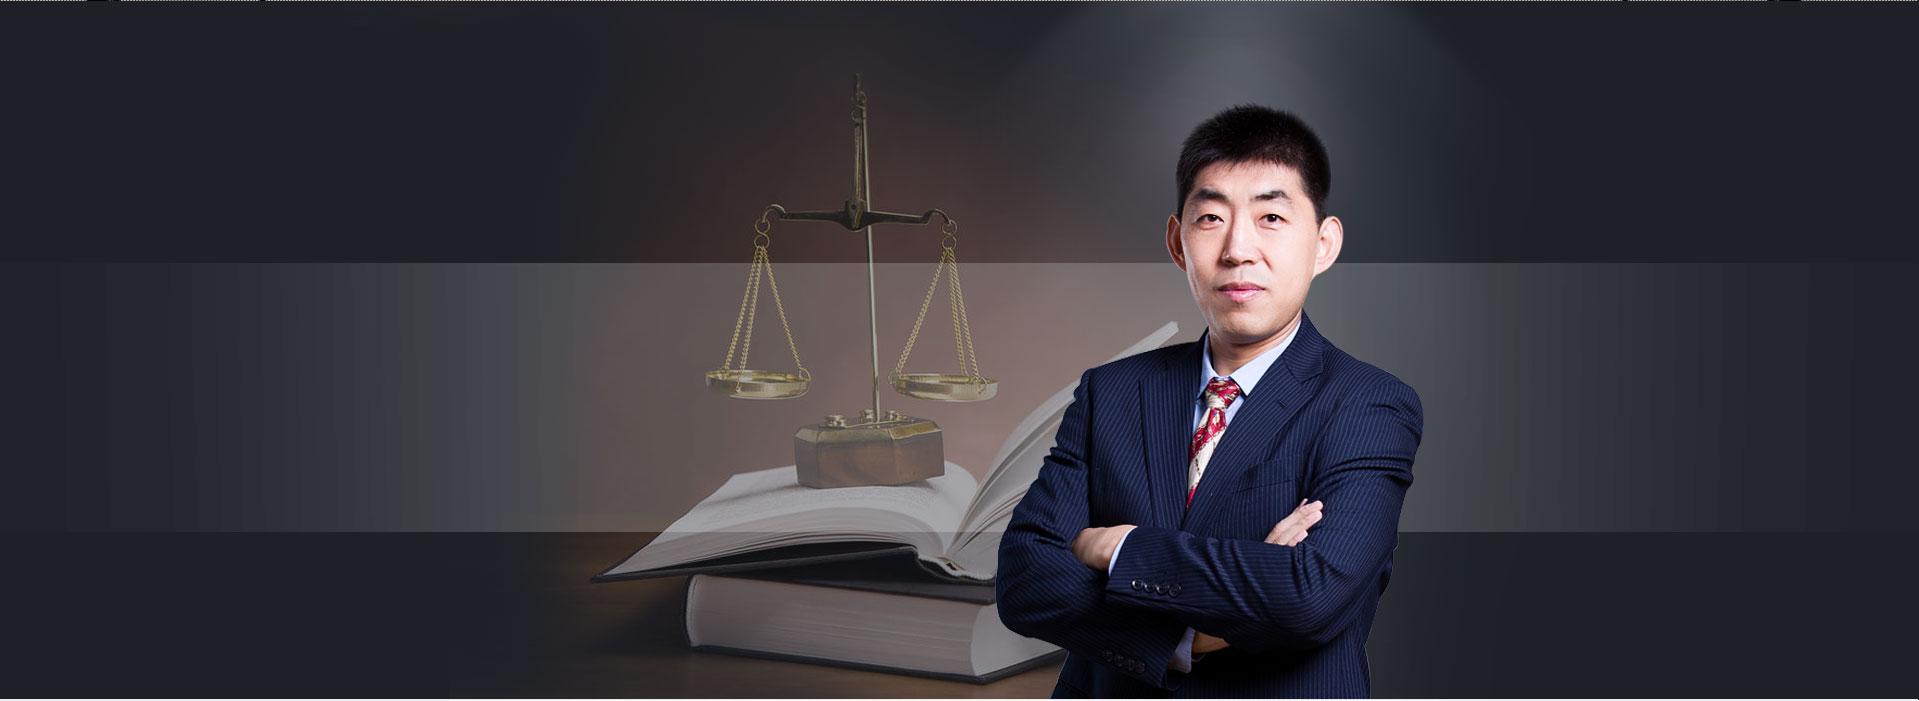 首席吴敬律师